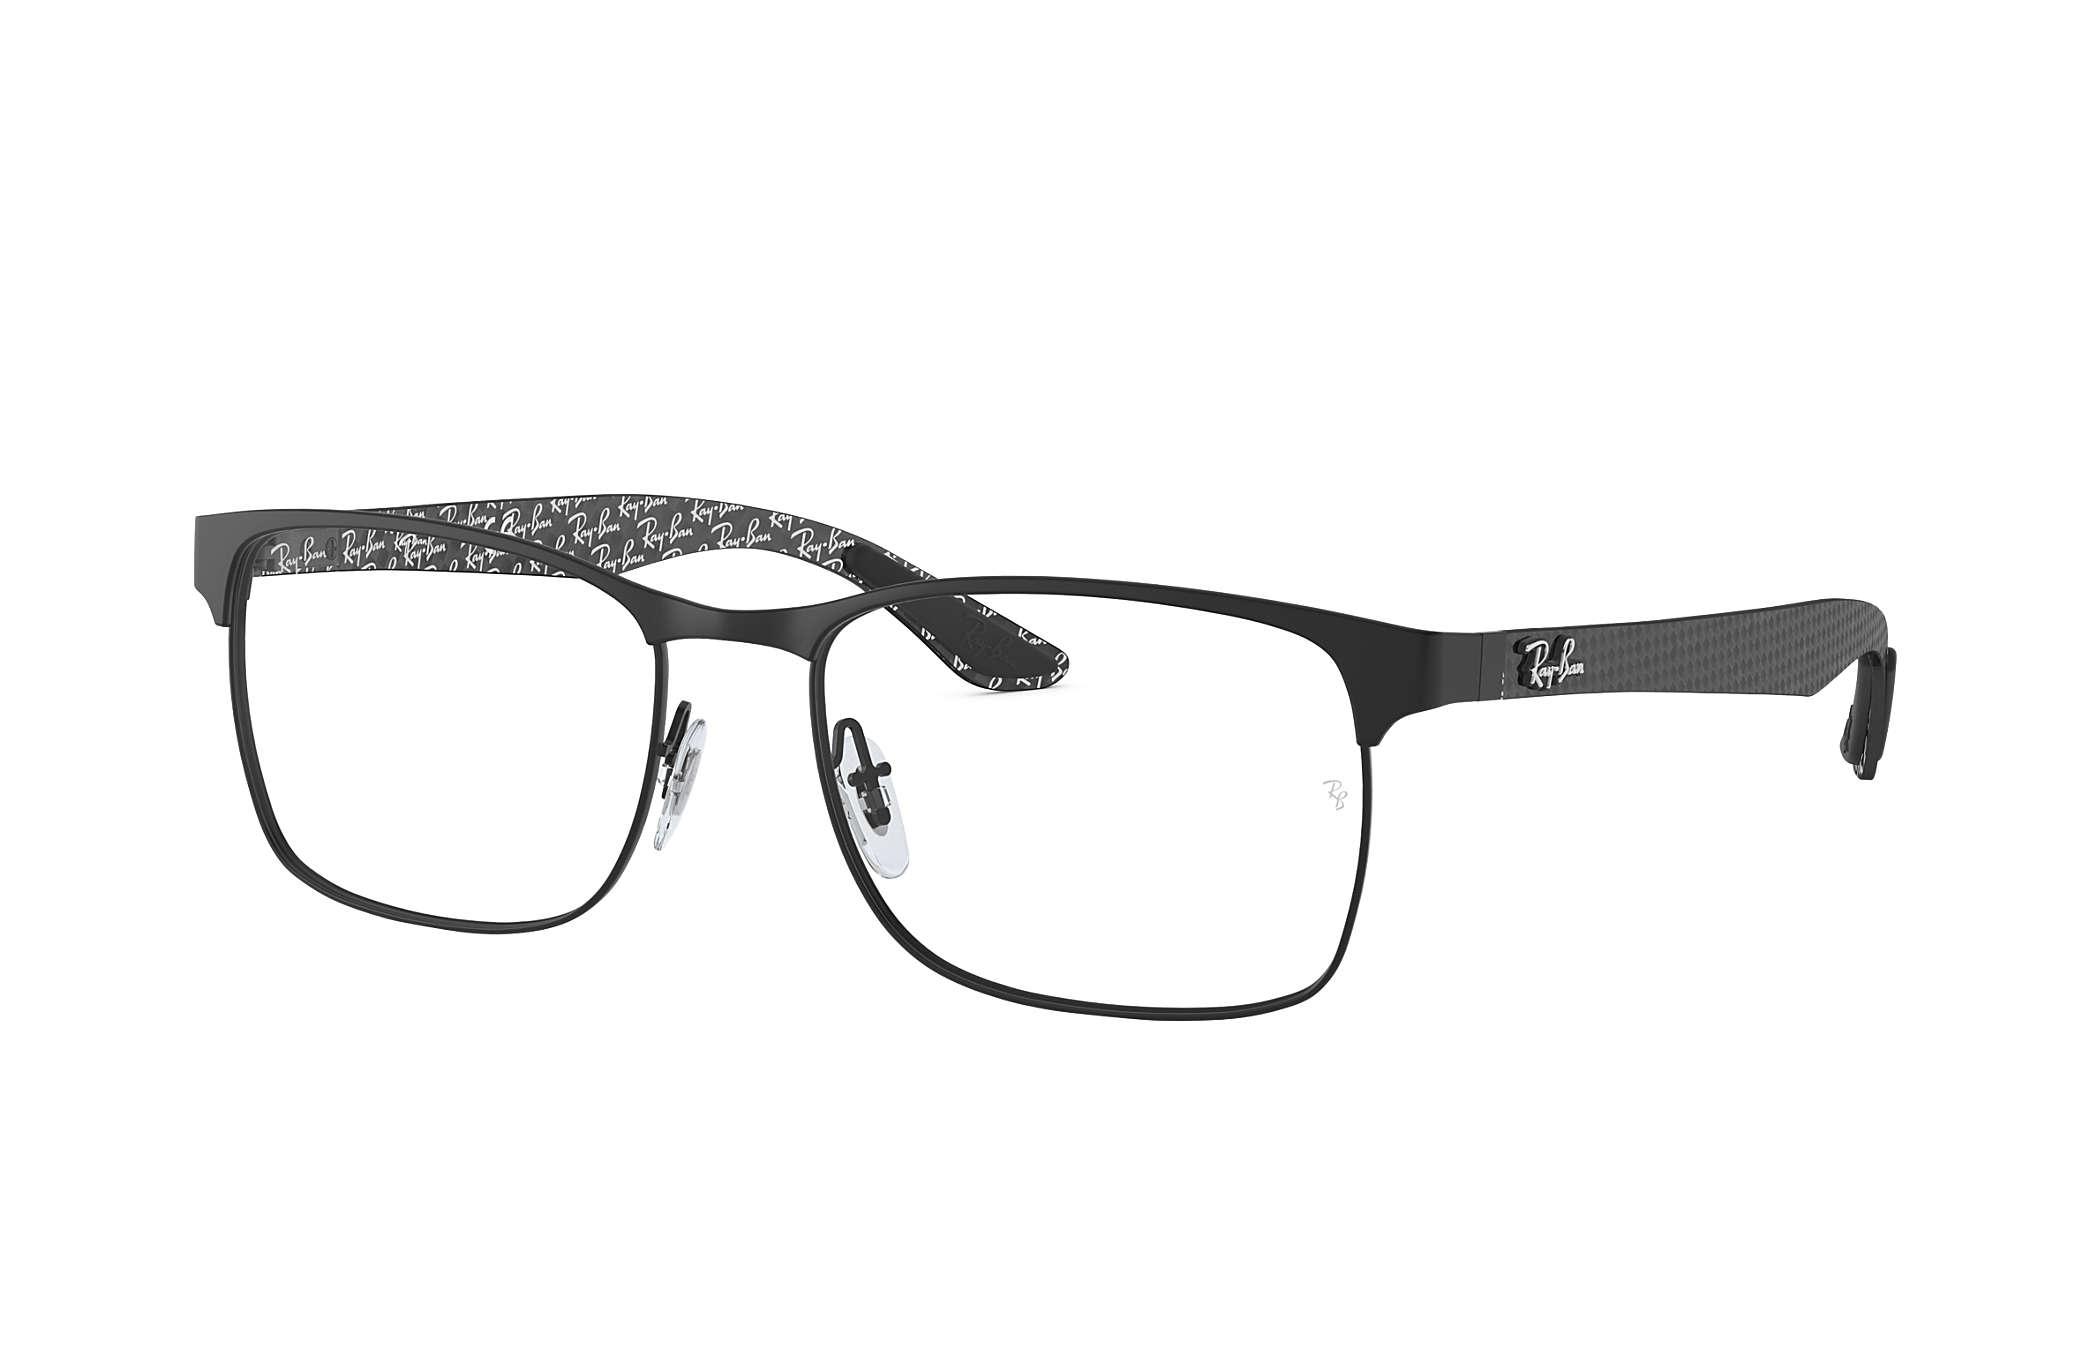 561e080a076d0 Ray-Ban prescription glasses RB8416 Black - Carbon Fibre ...